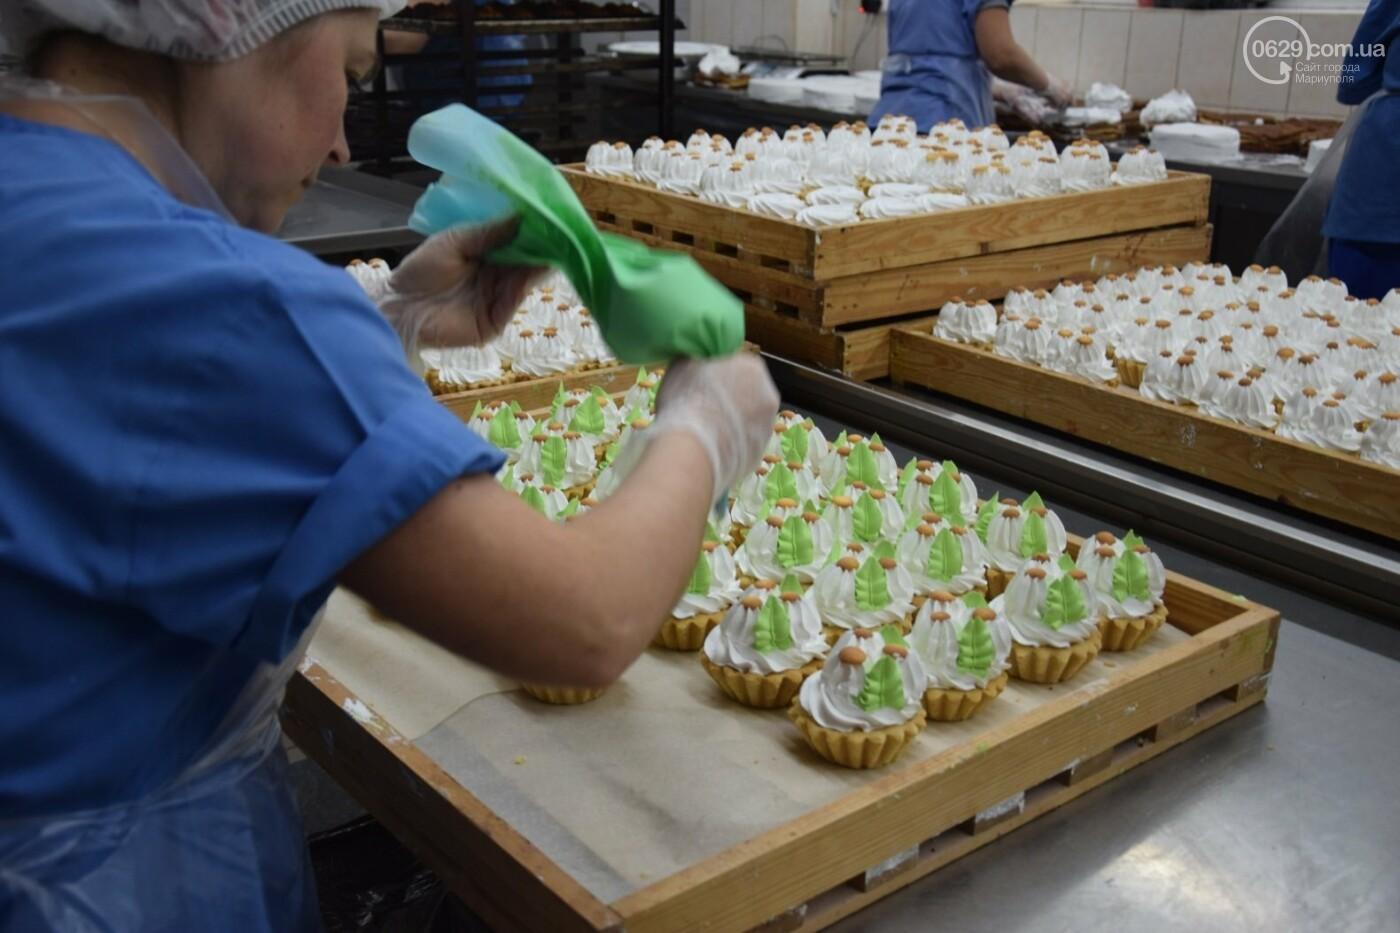 «Как это сделано»:  репортаж из кондитерского цеха в Мариуполе, - ФОТО, фото-36